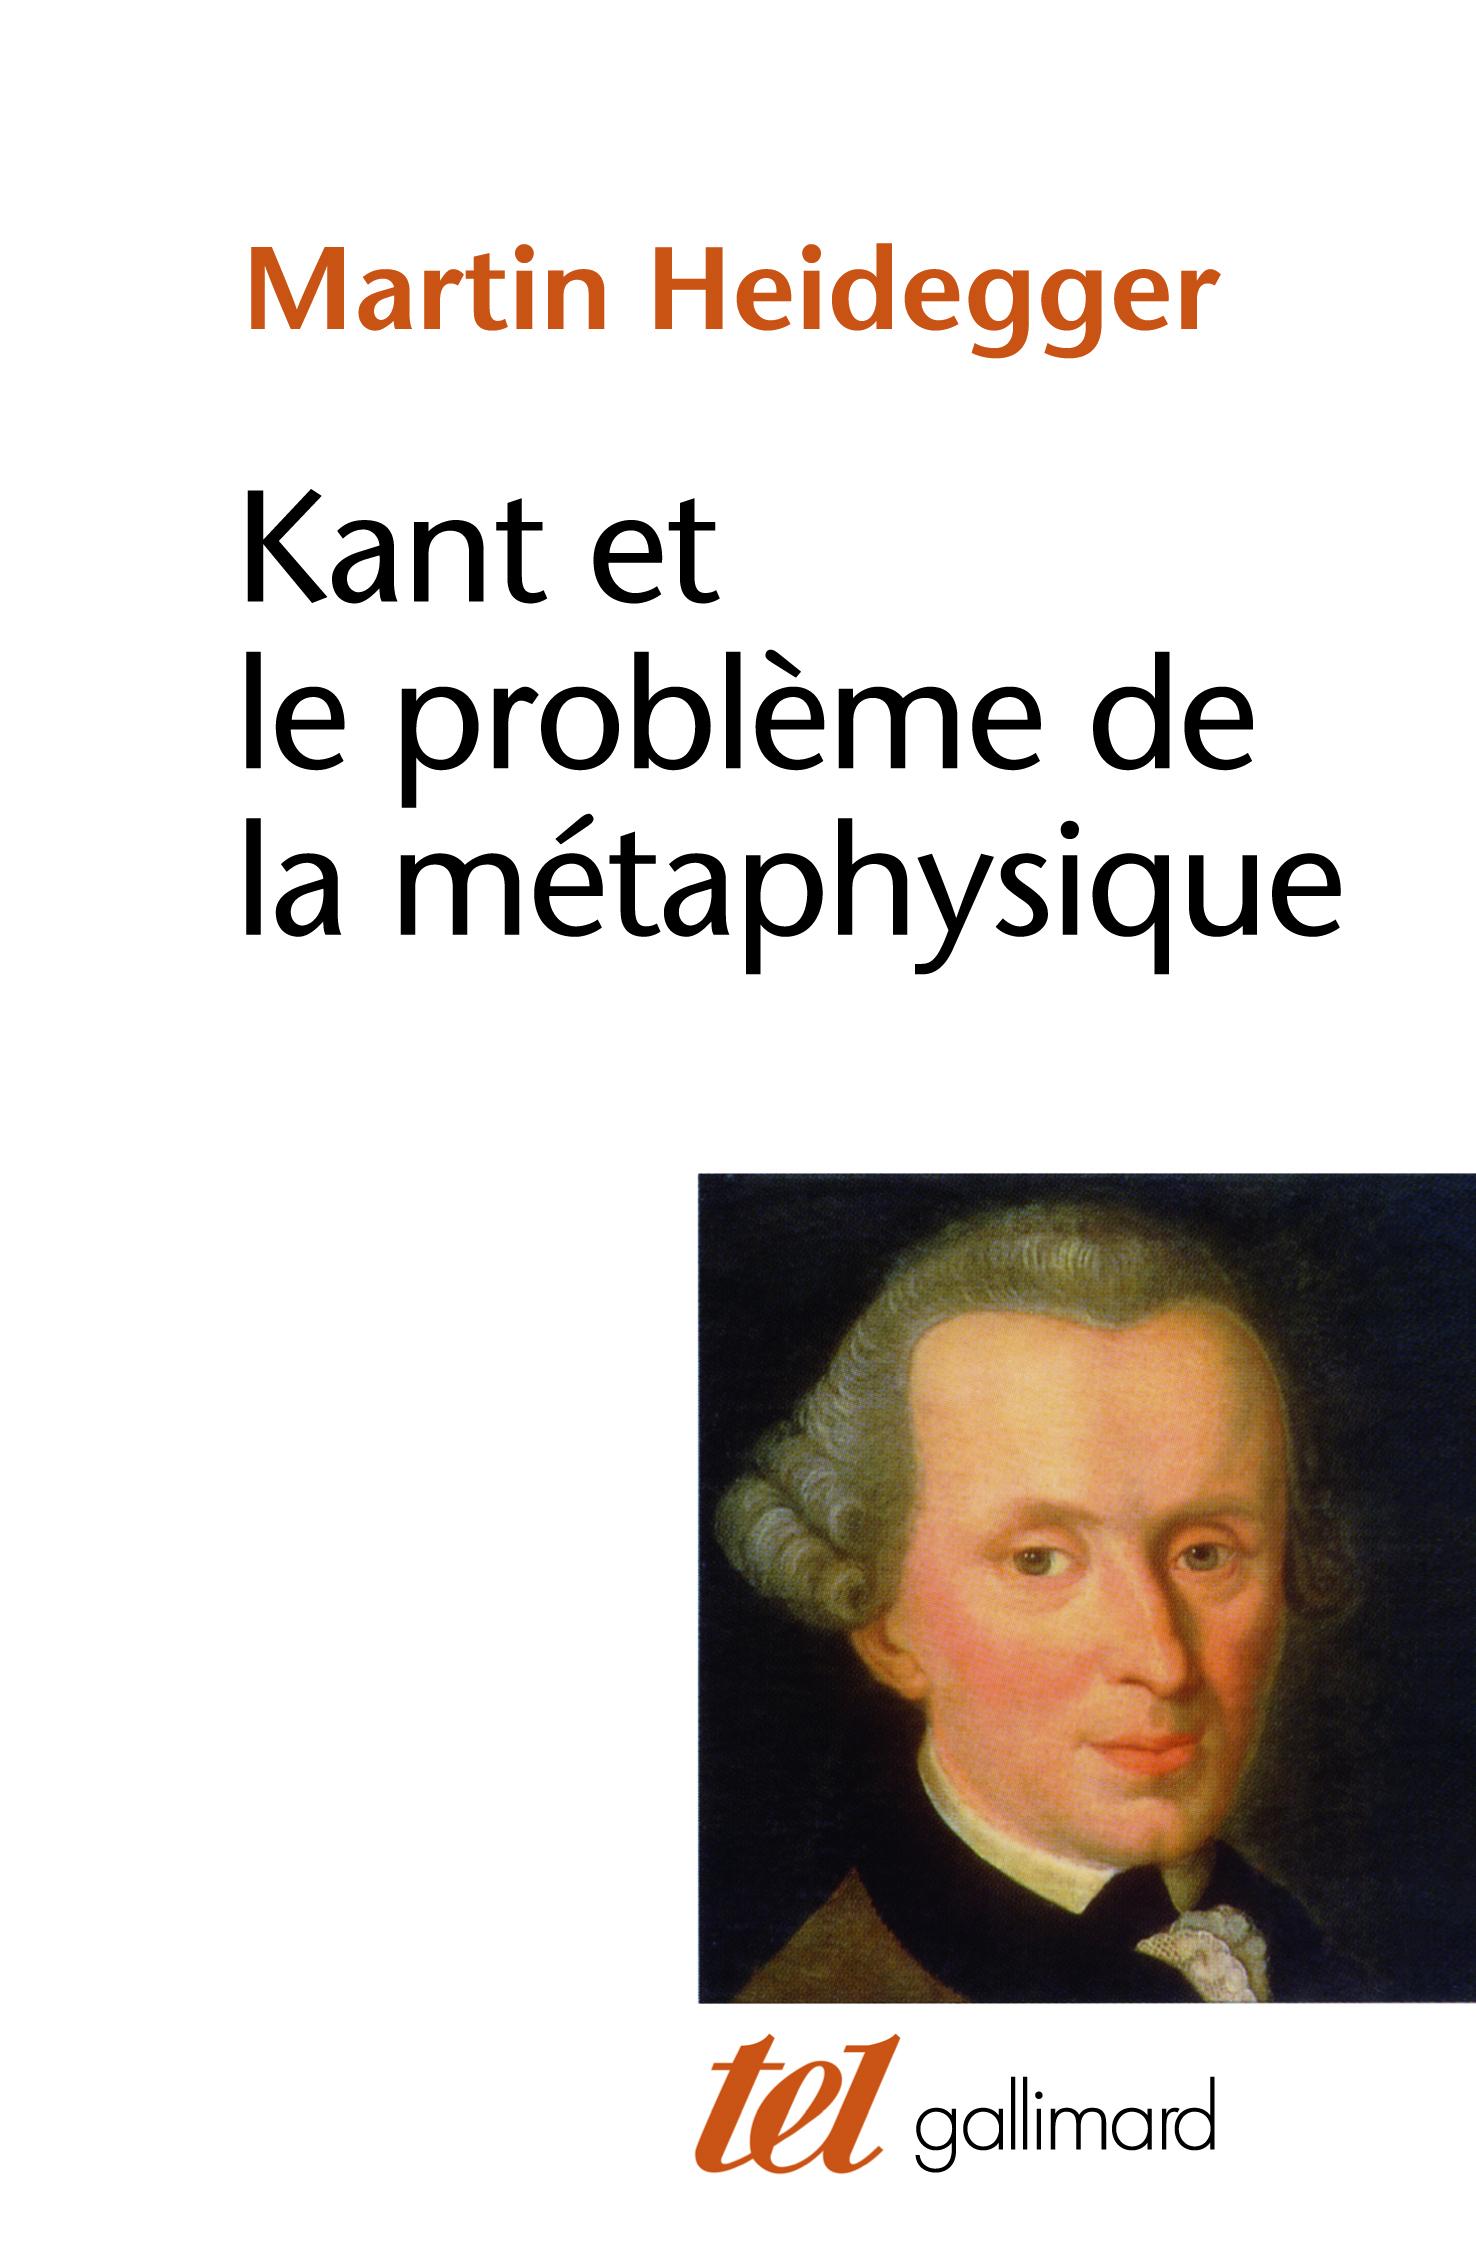 KANT ET LE PROBLEME DE LA METAPHYSIQUE